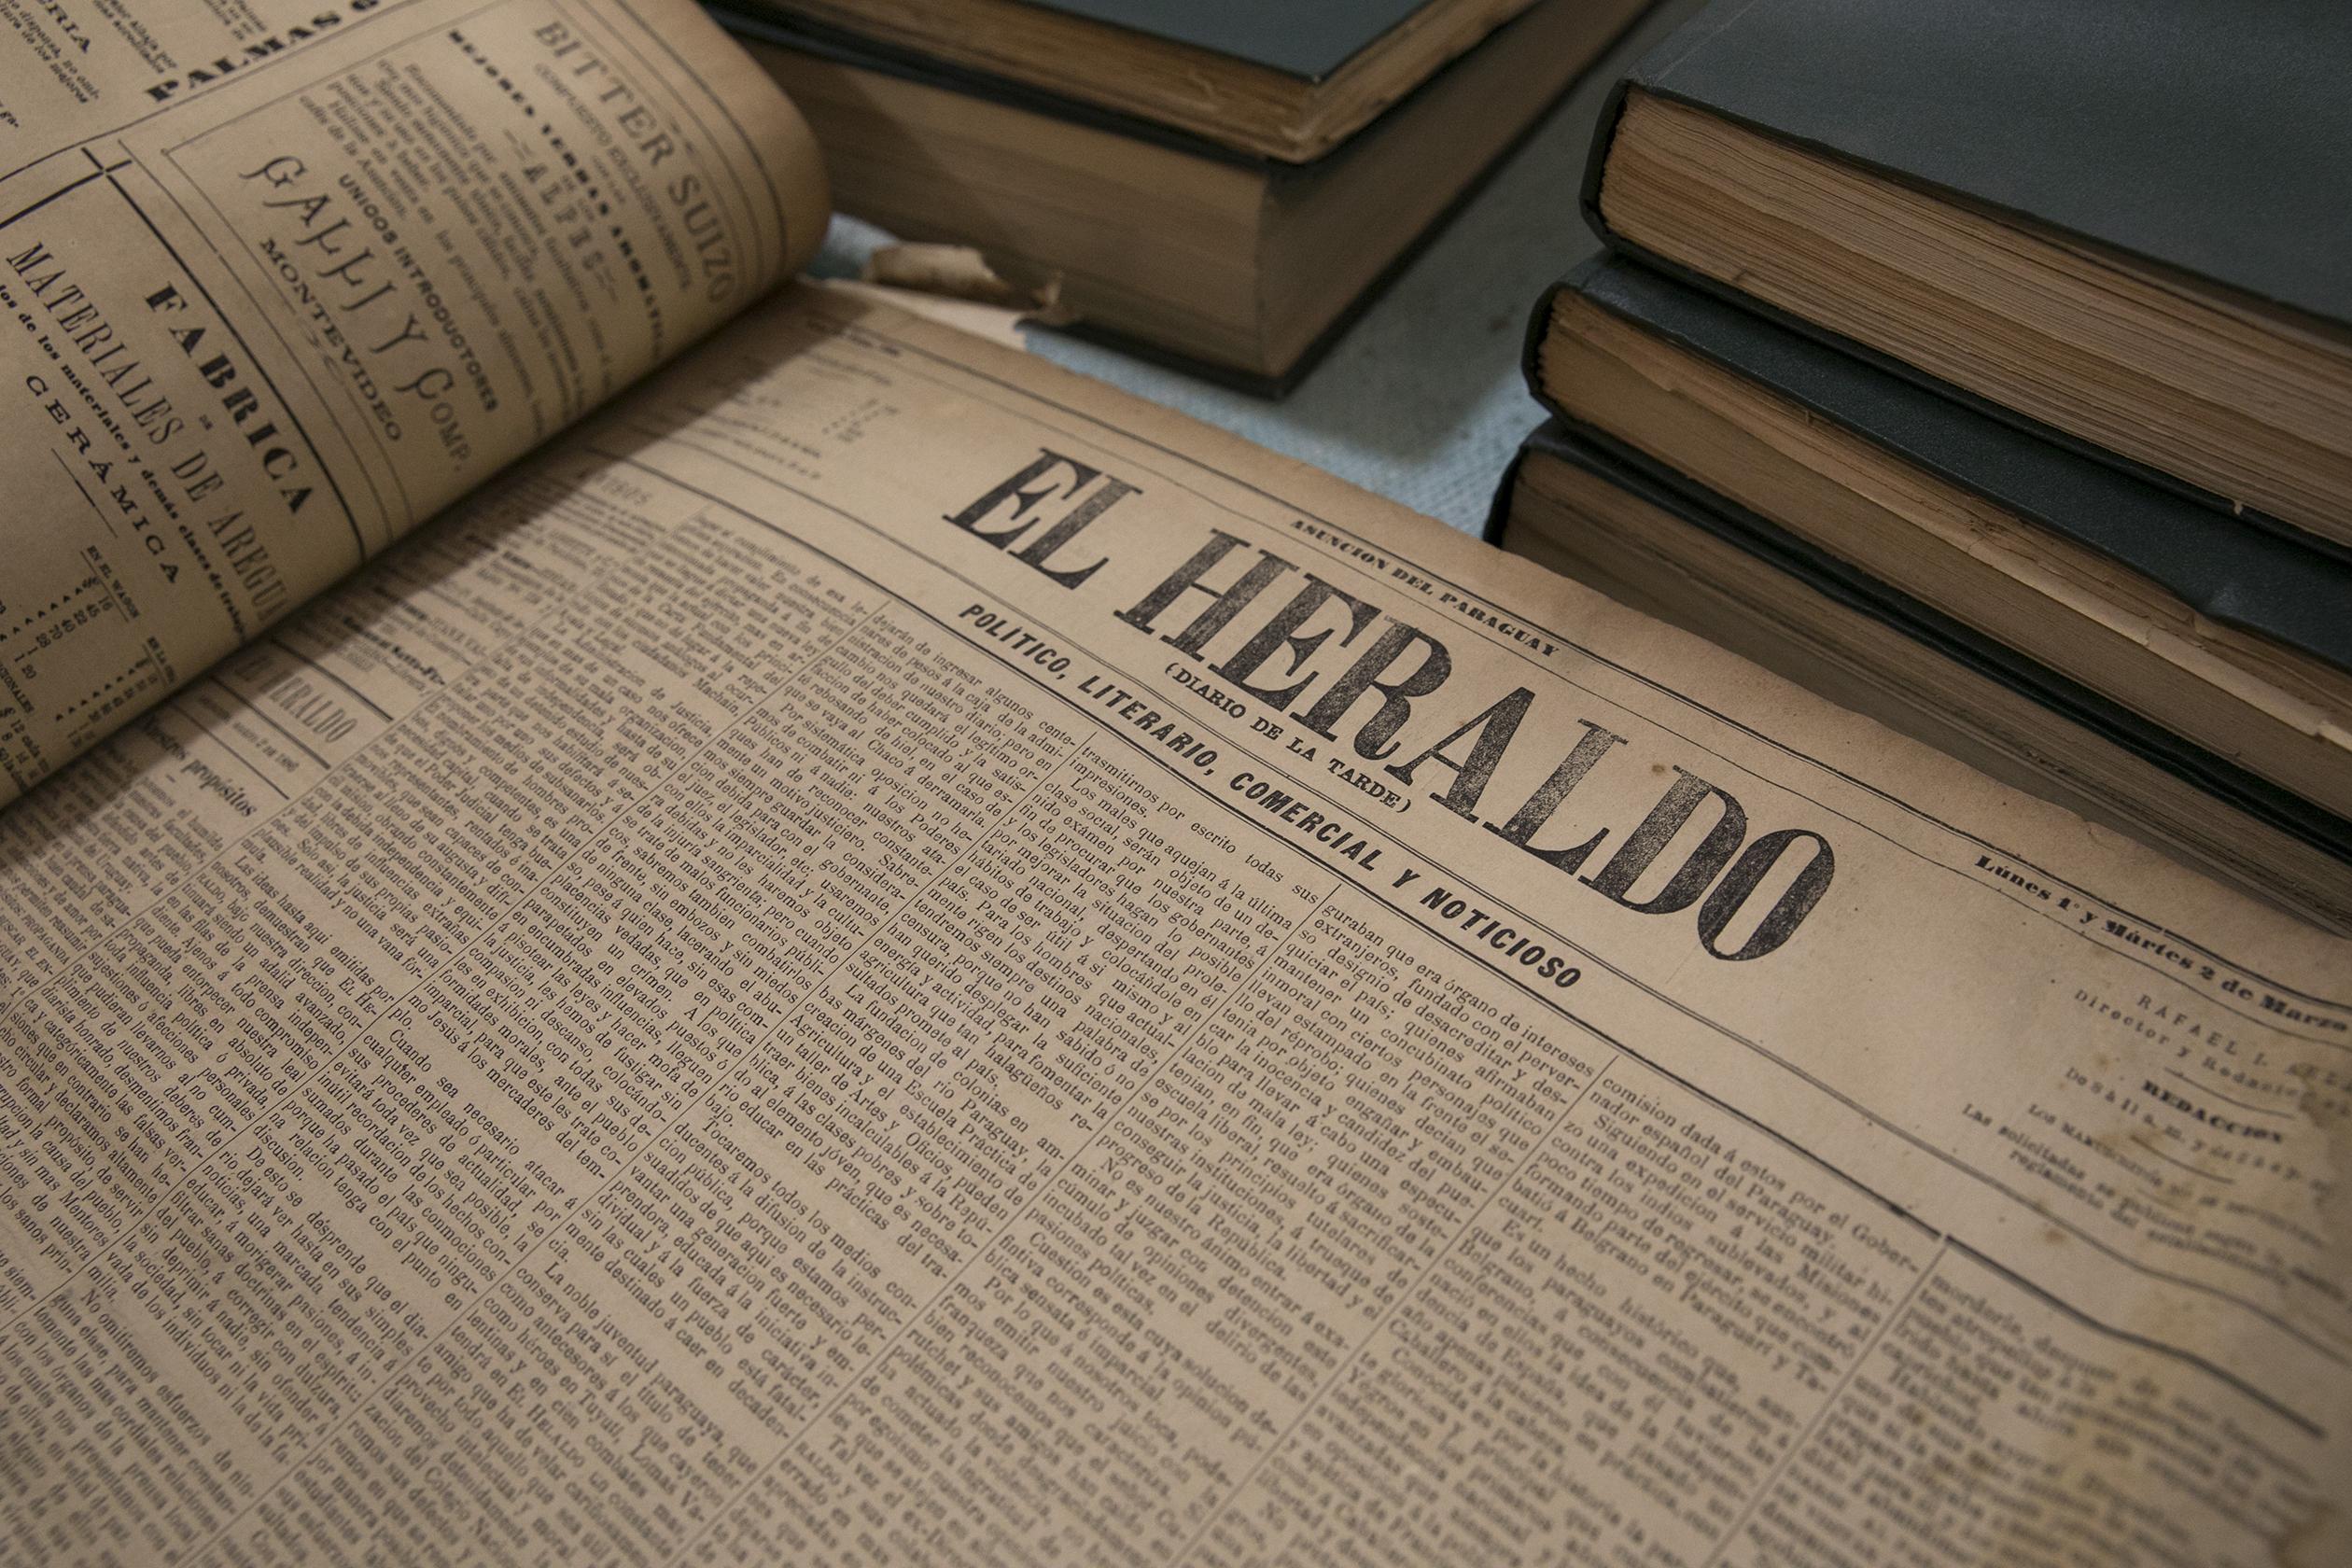 El Heraldo, aparecido en 1884 y clausurado en 1886, director Héctor Decoud. Academia Paraguaya de la Historia © Laura Mandelik